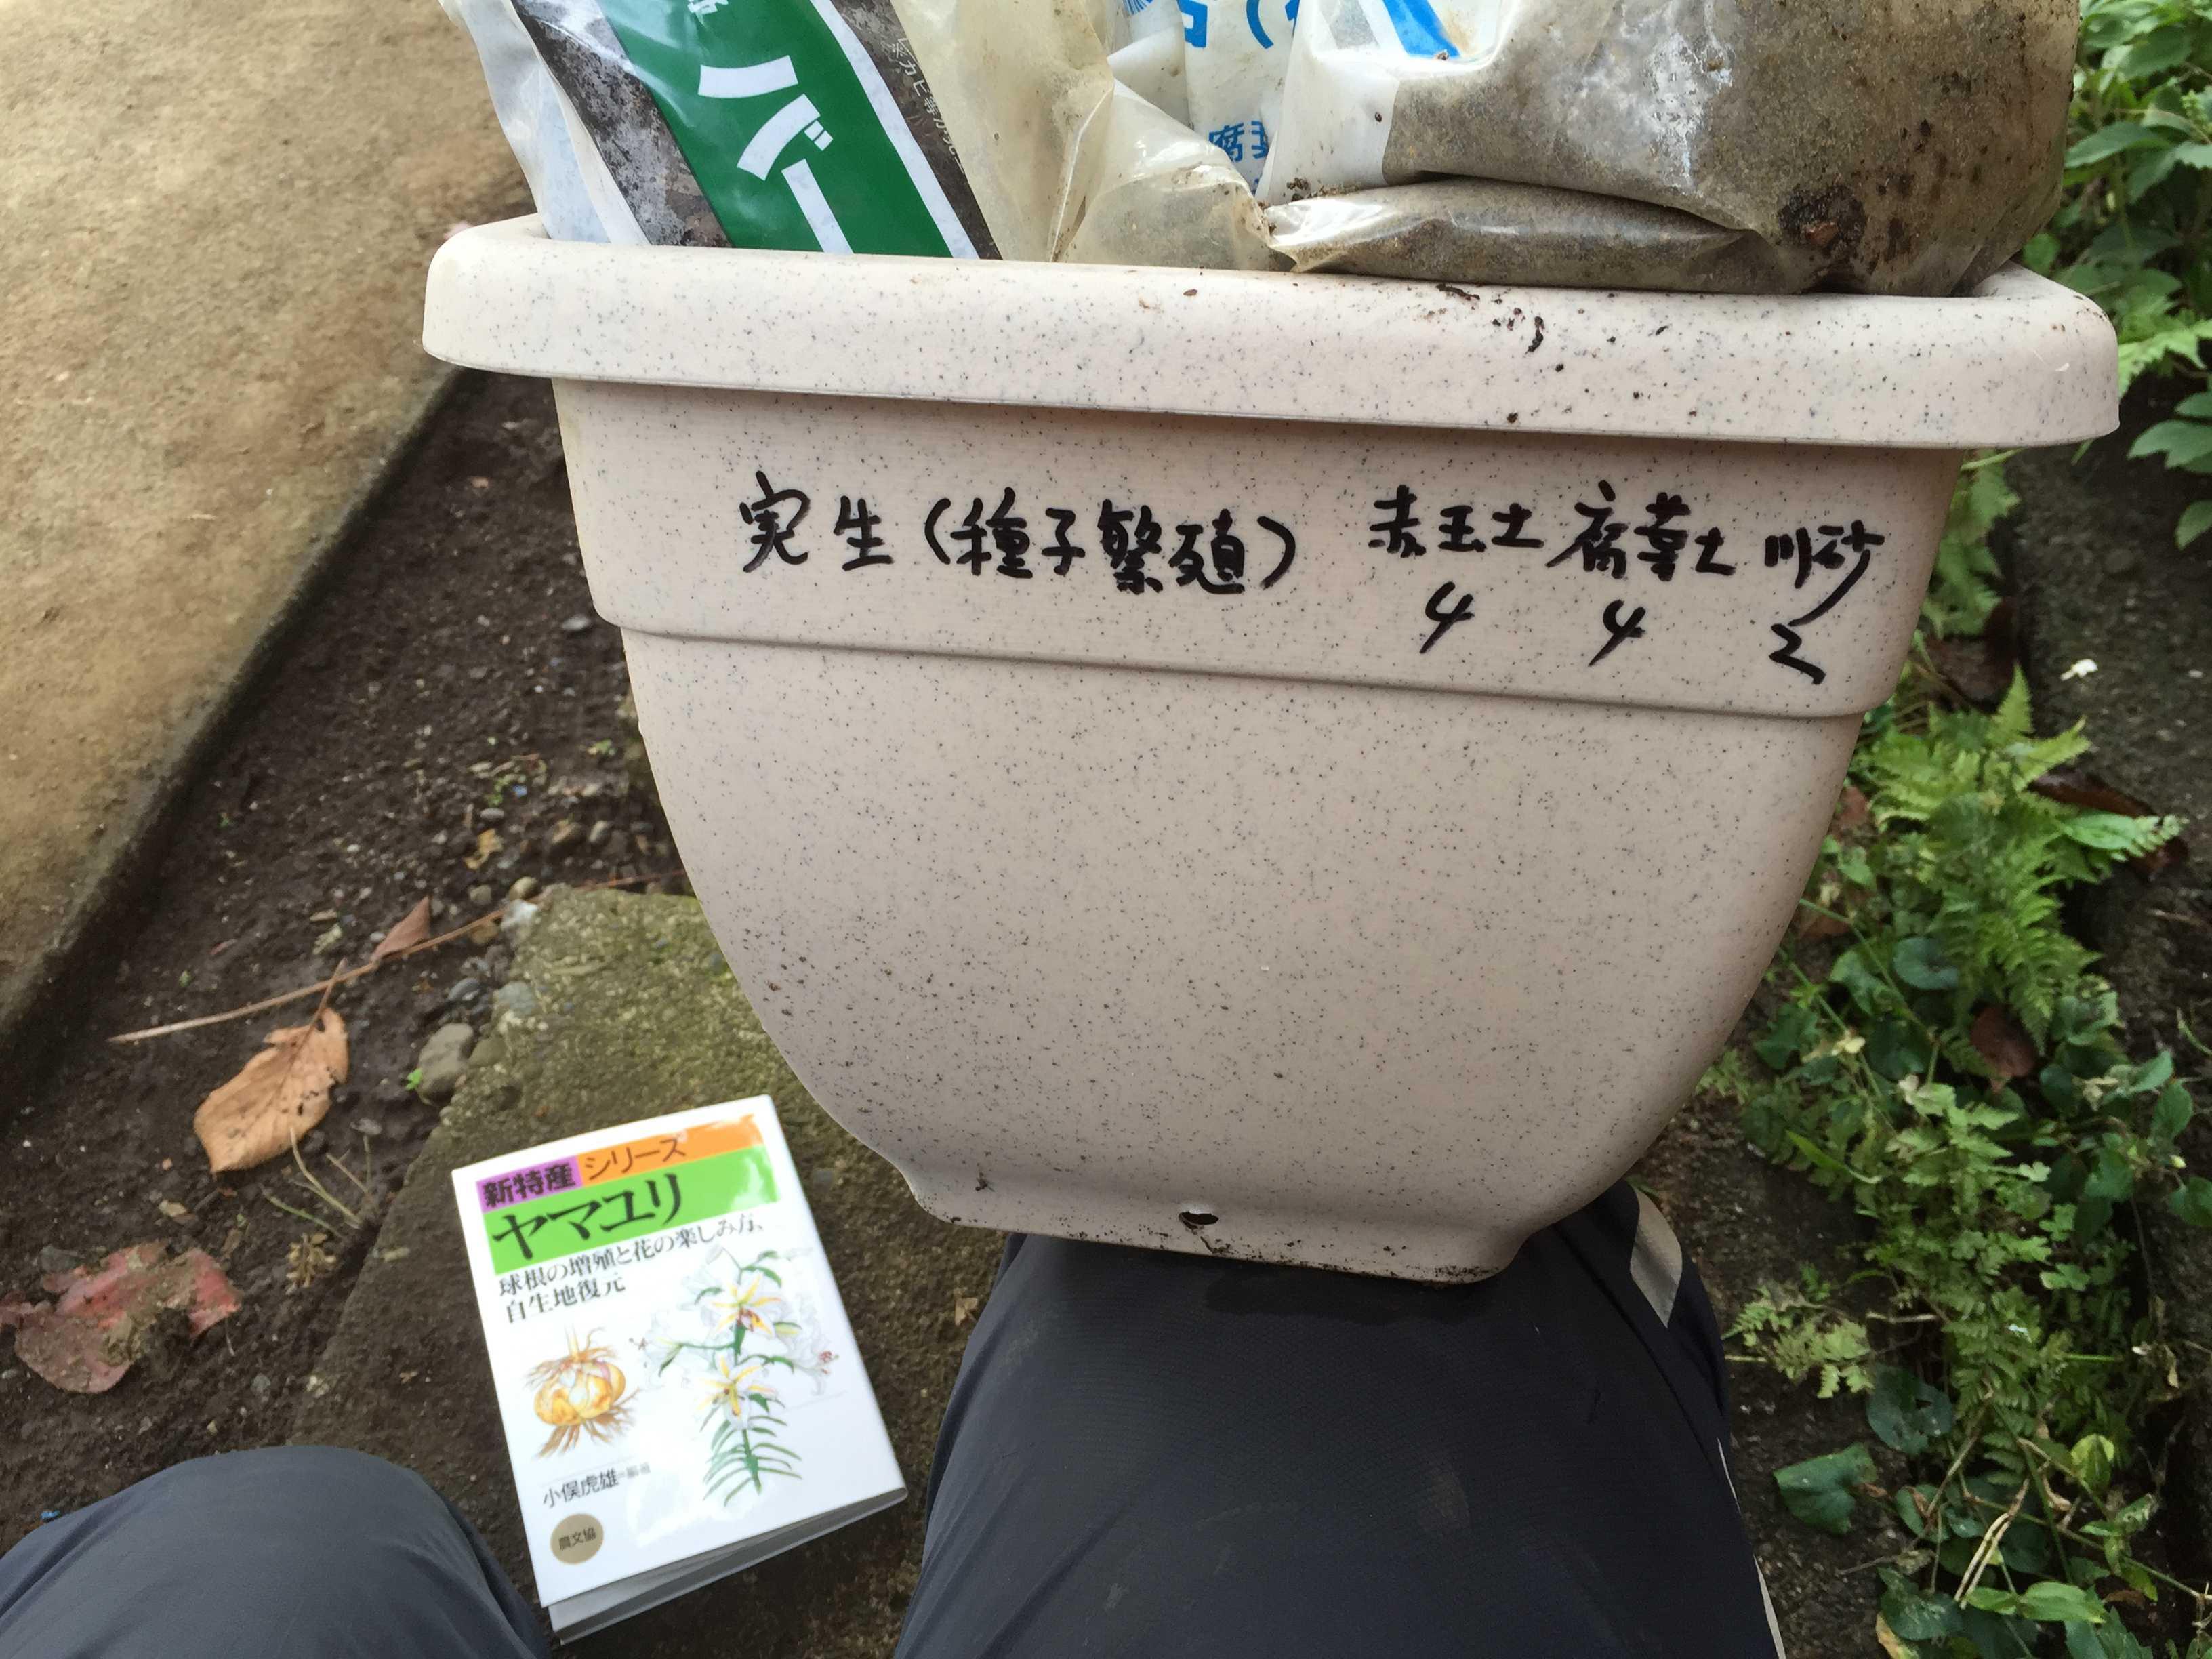 ヤマユリの種子繁殖/実生 - プランター(育苗箱)の土づくり